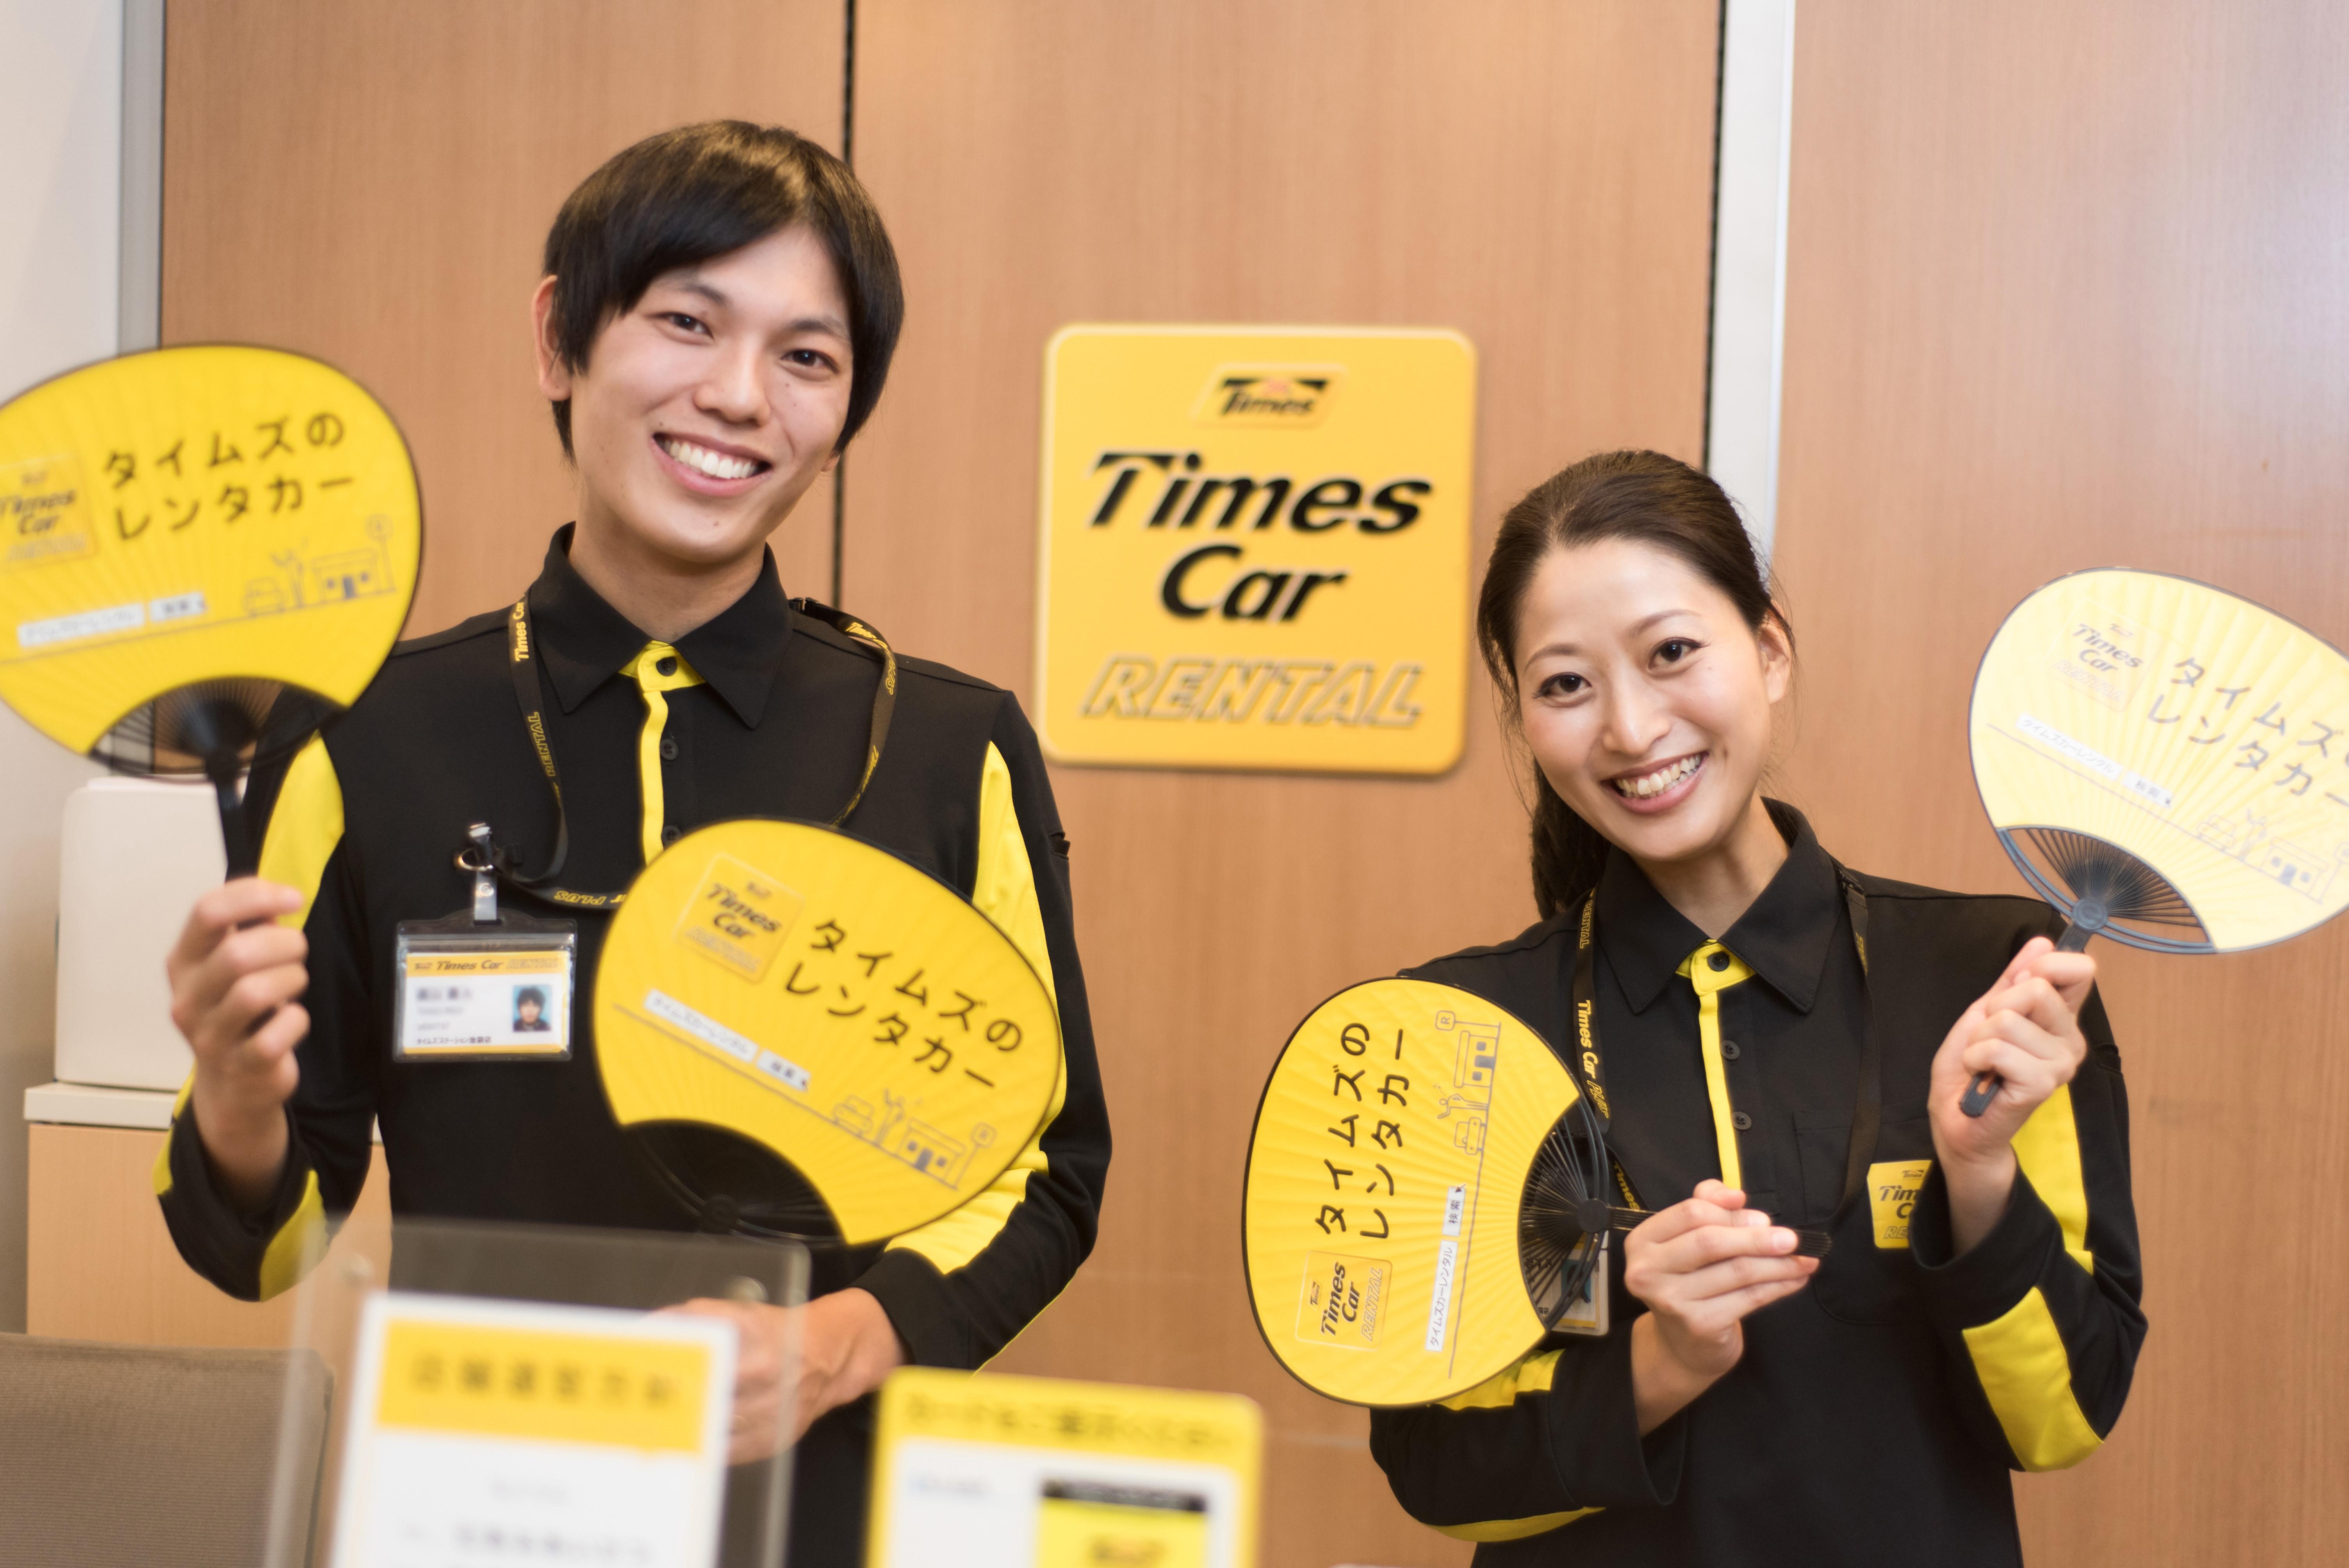 タイムズカーレンタル 古川駅前店 のアルバイト情報